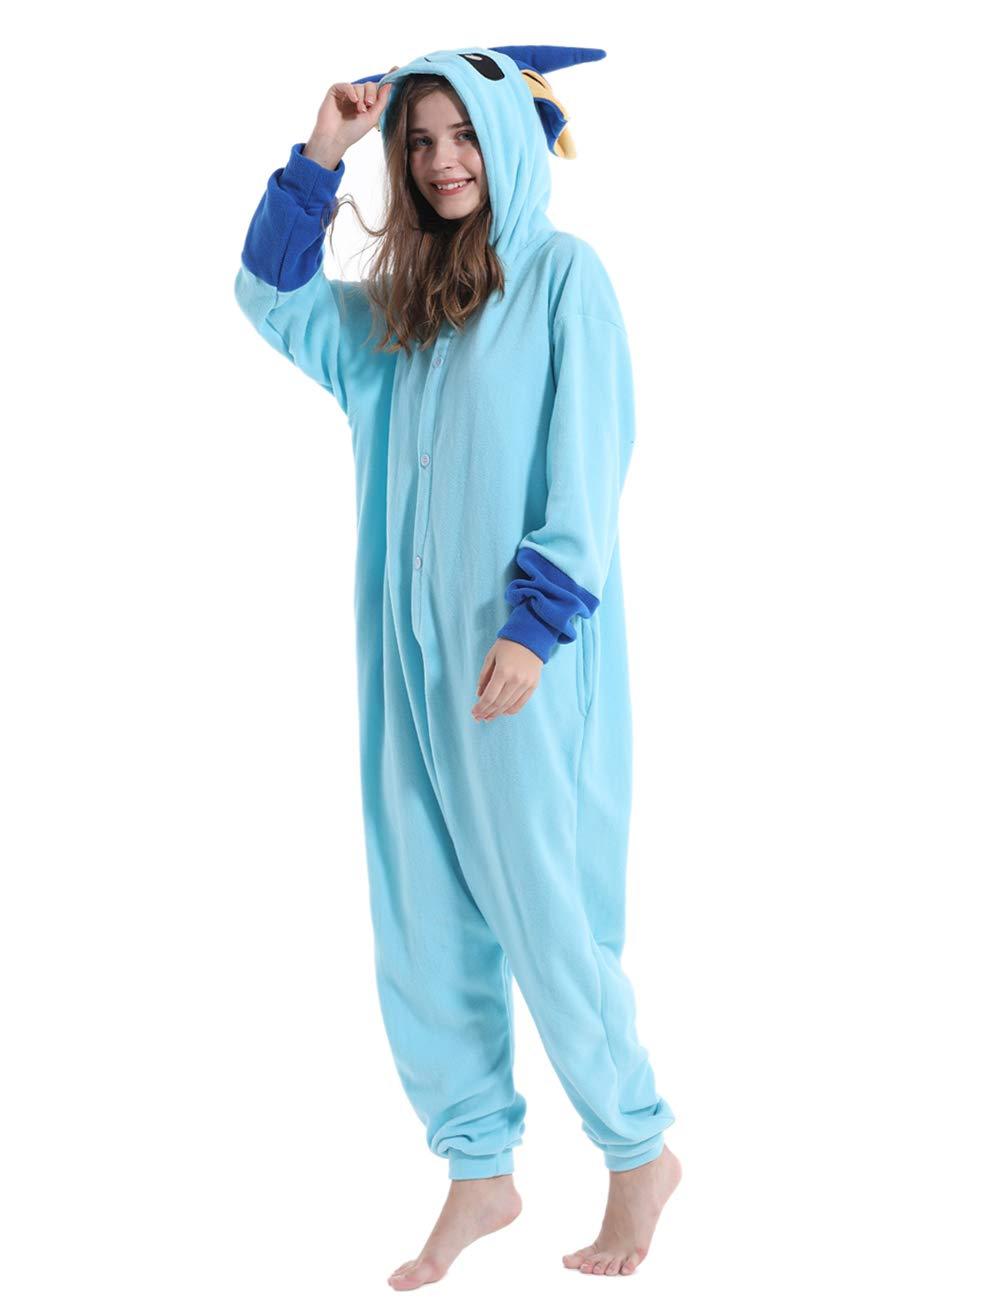 Adult Onesie Pajamas Unisex Animal Homewear Sleepwear Jumpsuit Costume